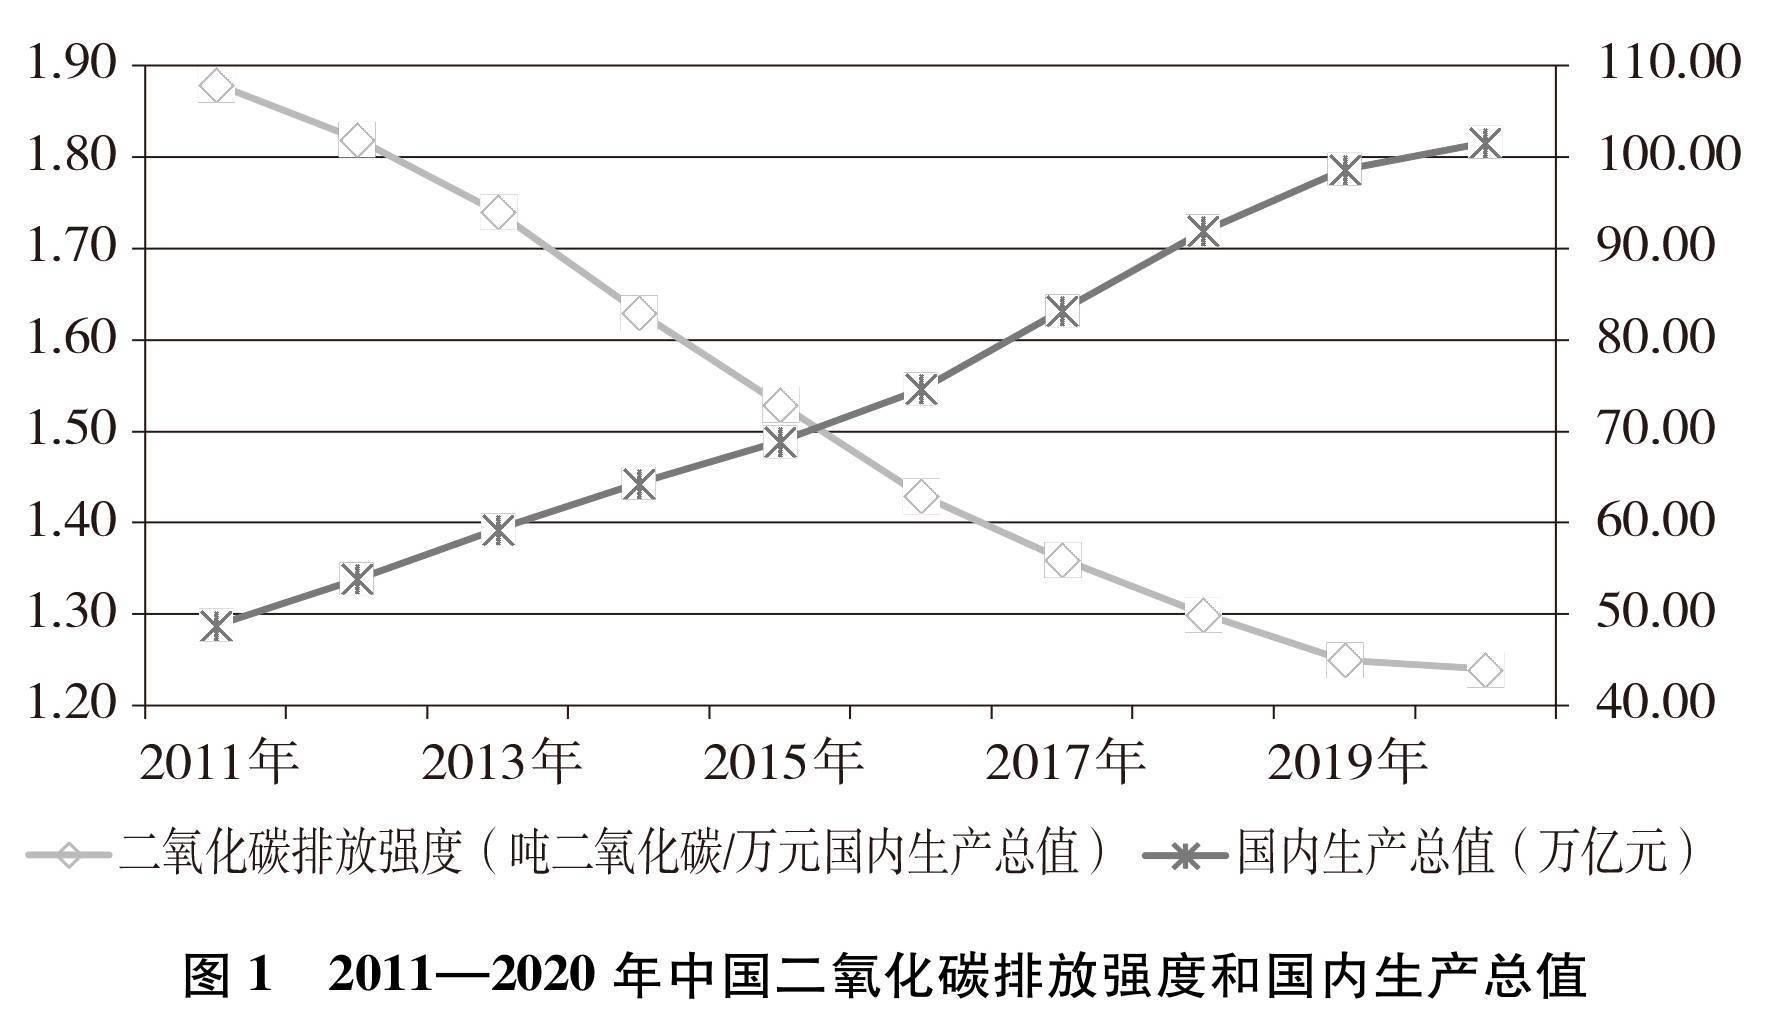 [中国应对气候变化的政策与行动白皮书]《中国应对气候变化的政策与行动》白皮书